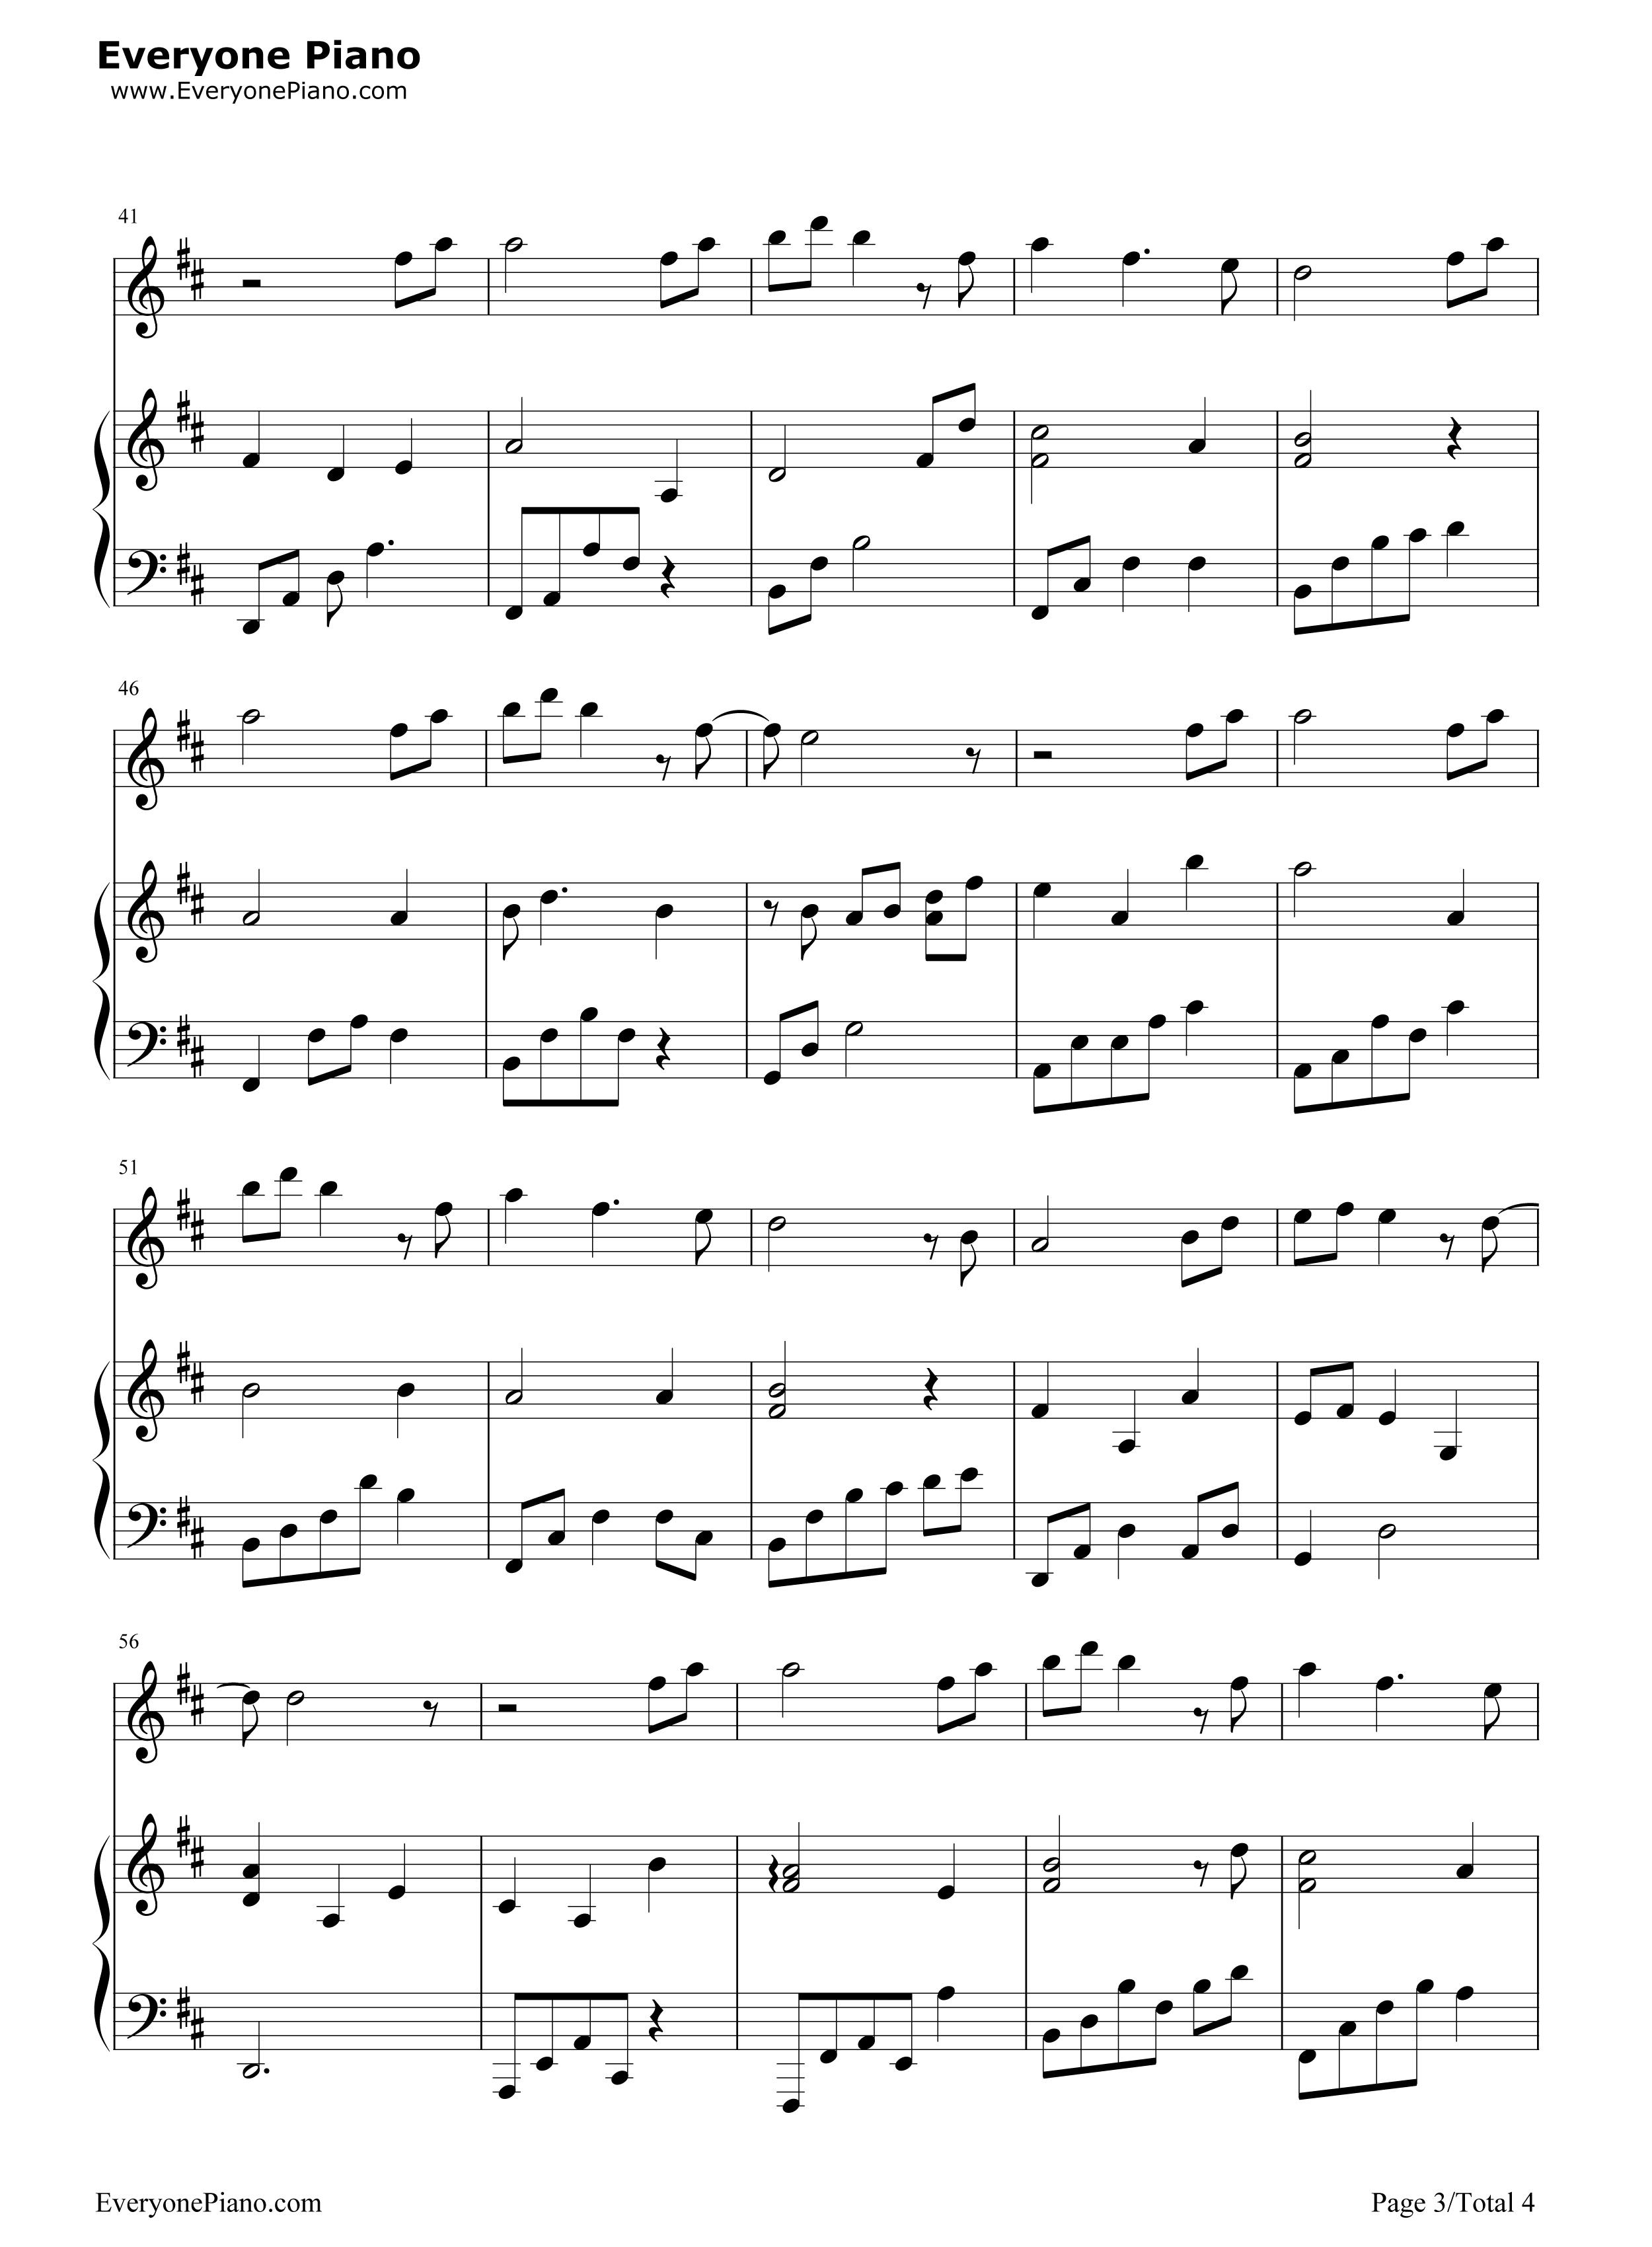 钢琴曲谱 流行 天之大 天之大五线谱预览3  }  仅供学习交流使用!